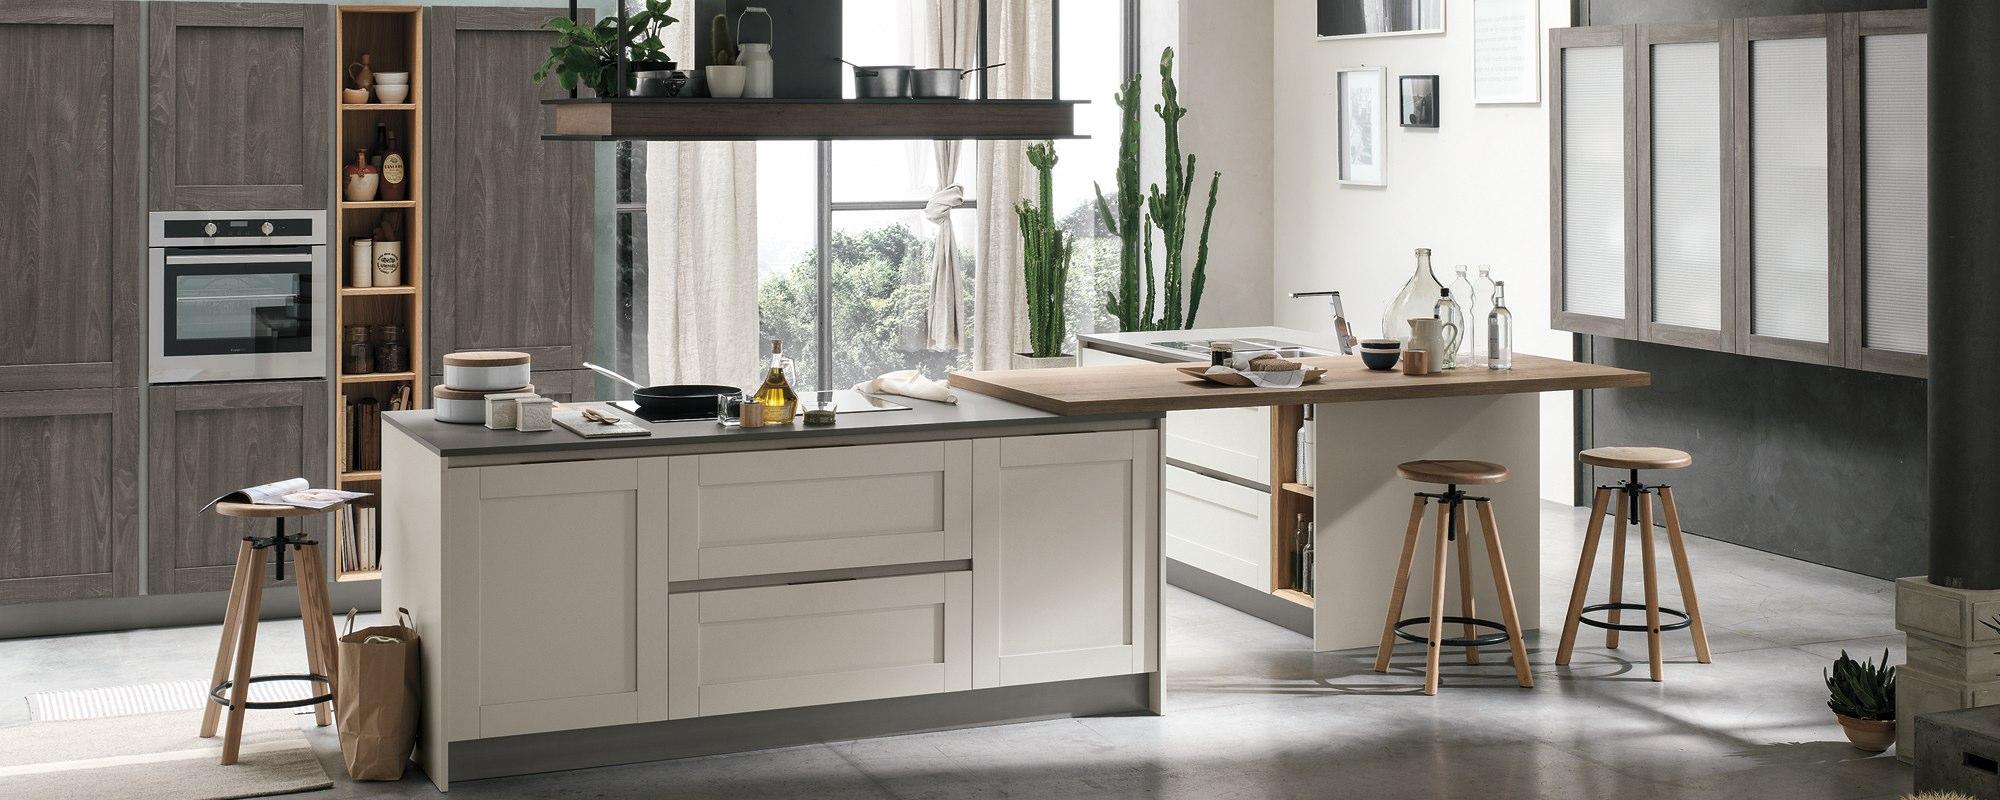 Cucina stosa city lorenzelli arredamenti for Cucine moderne